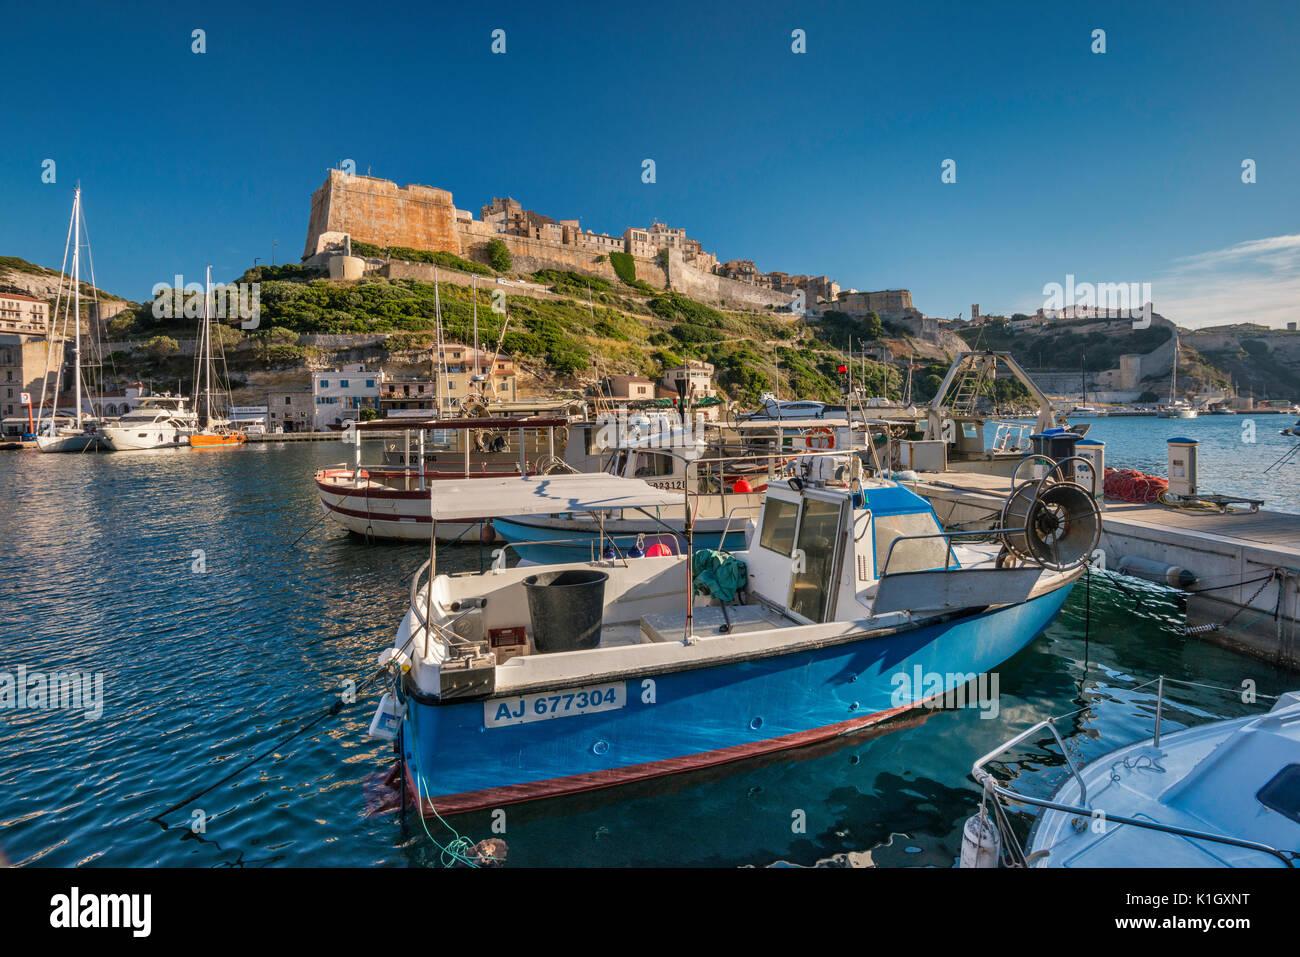 Citadelle, Boote im Yachthafen von Port, bei Sonnenuntergang in Bonifacio, Corse-du-Sud, Korsika, Frankreich Stockbild